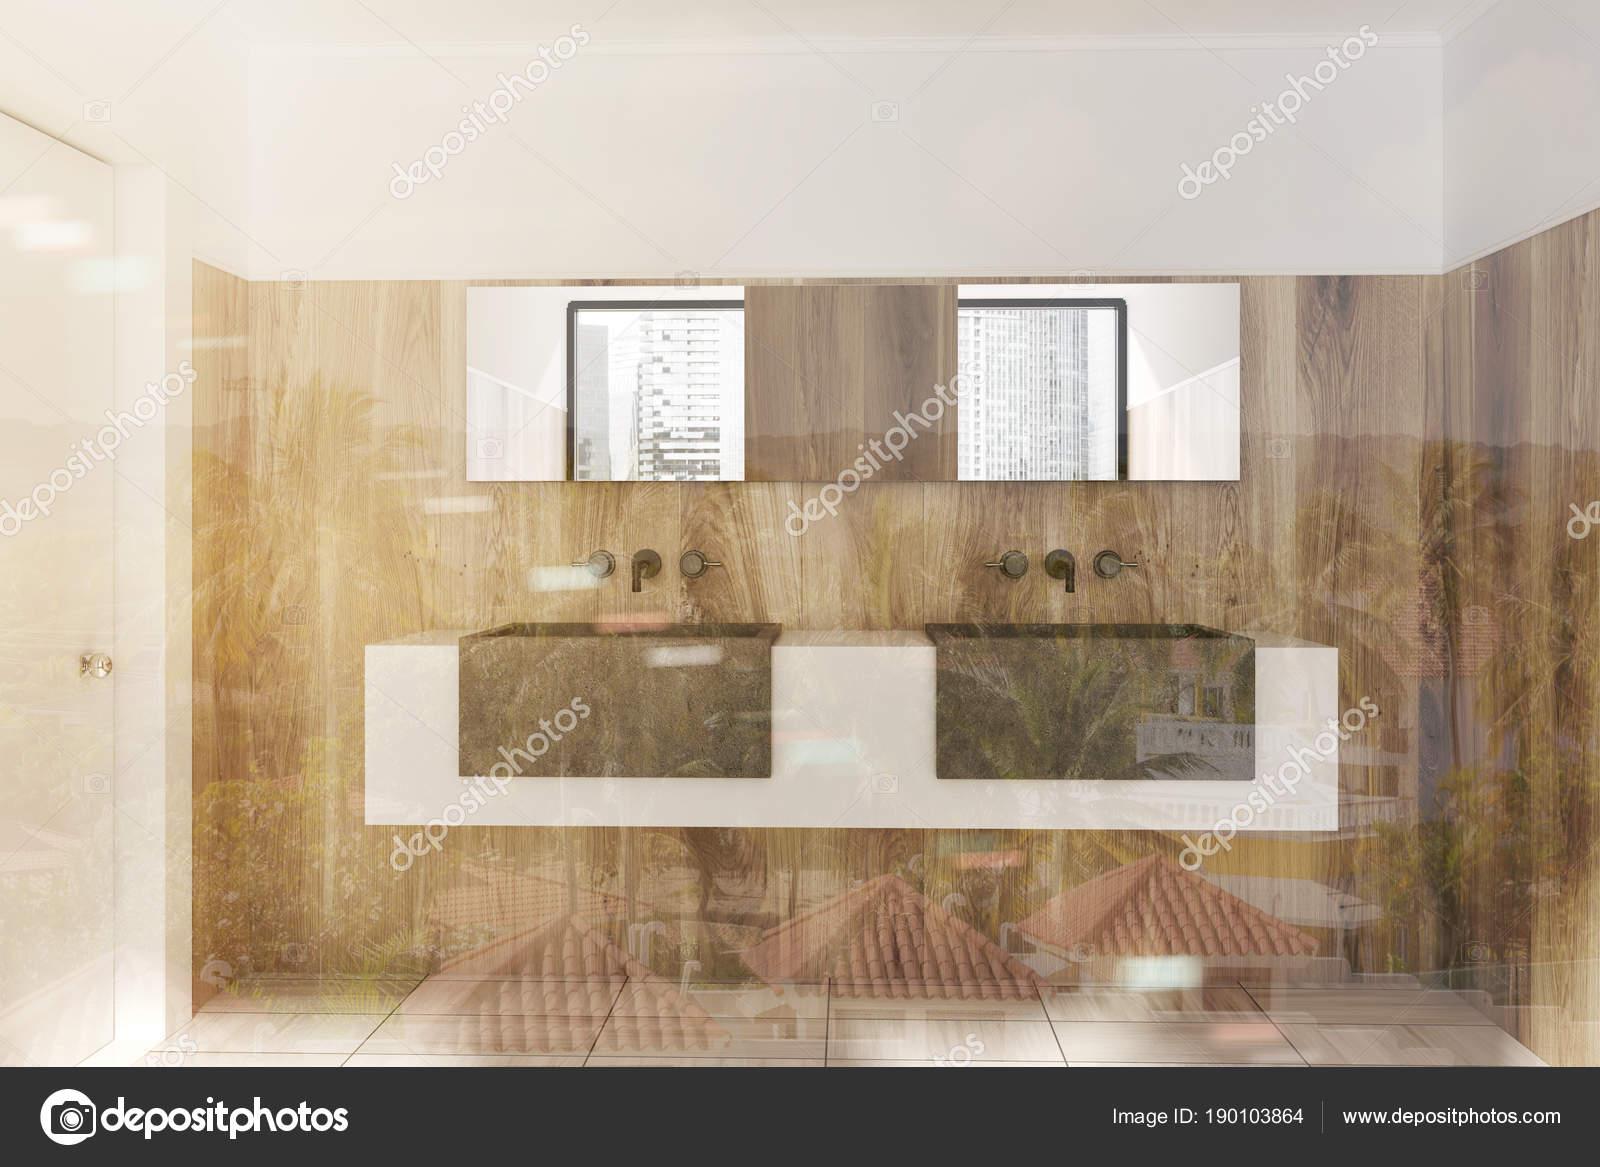 Doppel Waschbecken Stehend Auf Einem Weißen Und Grauen Regal Im Badezimmer  Holzwand Mit Einem Holzfußboden. 3D Rendering Mock Up Getönten Bild ...